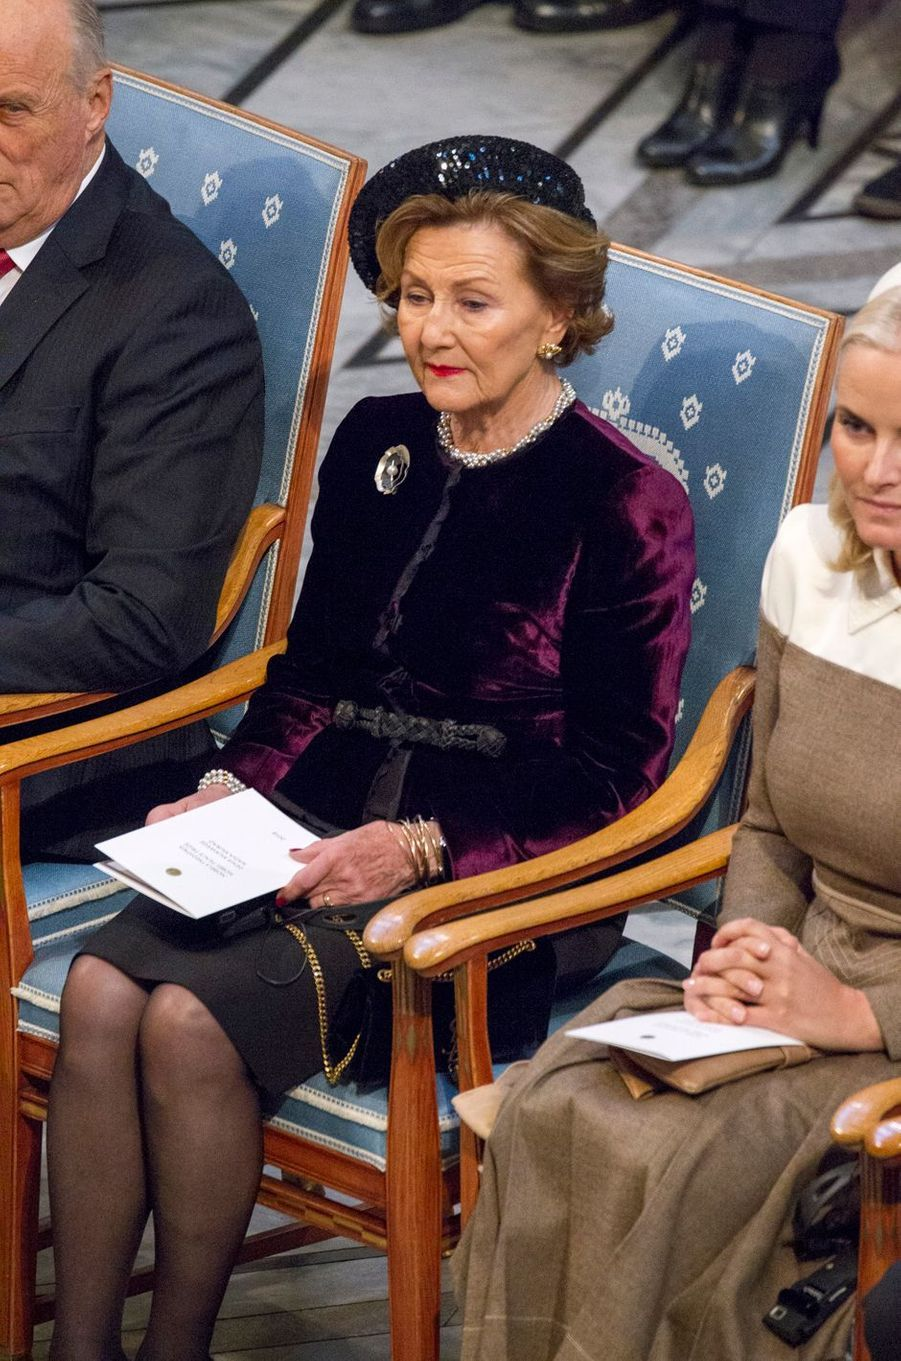 La reine Sonja entourée du roi Harald V et de la princesse Mette-Marit de Norvège à Oslo, le 10 décembre 2018